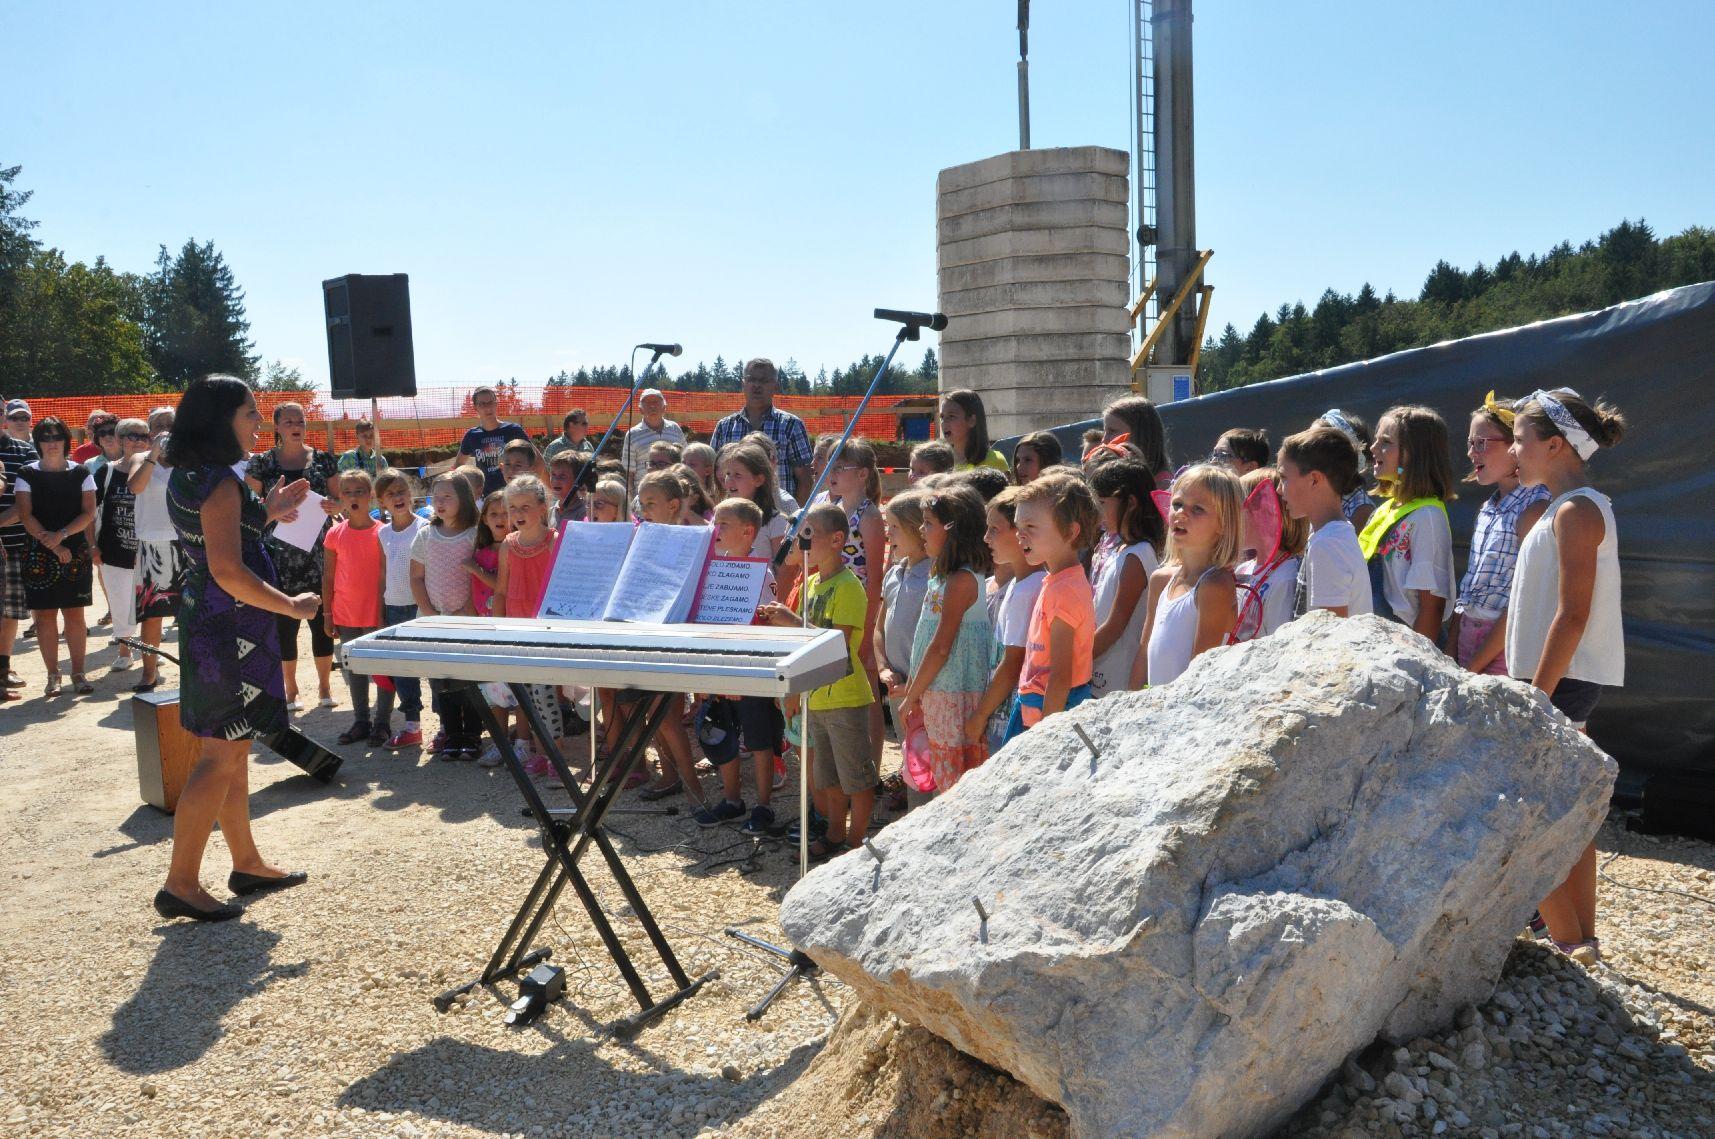 V občini Grosuplje položili temeljni kamen za novo šolo 1